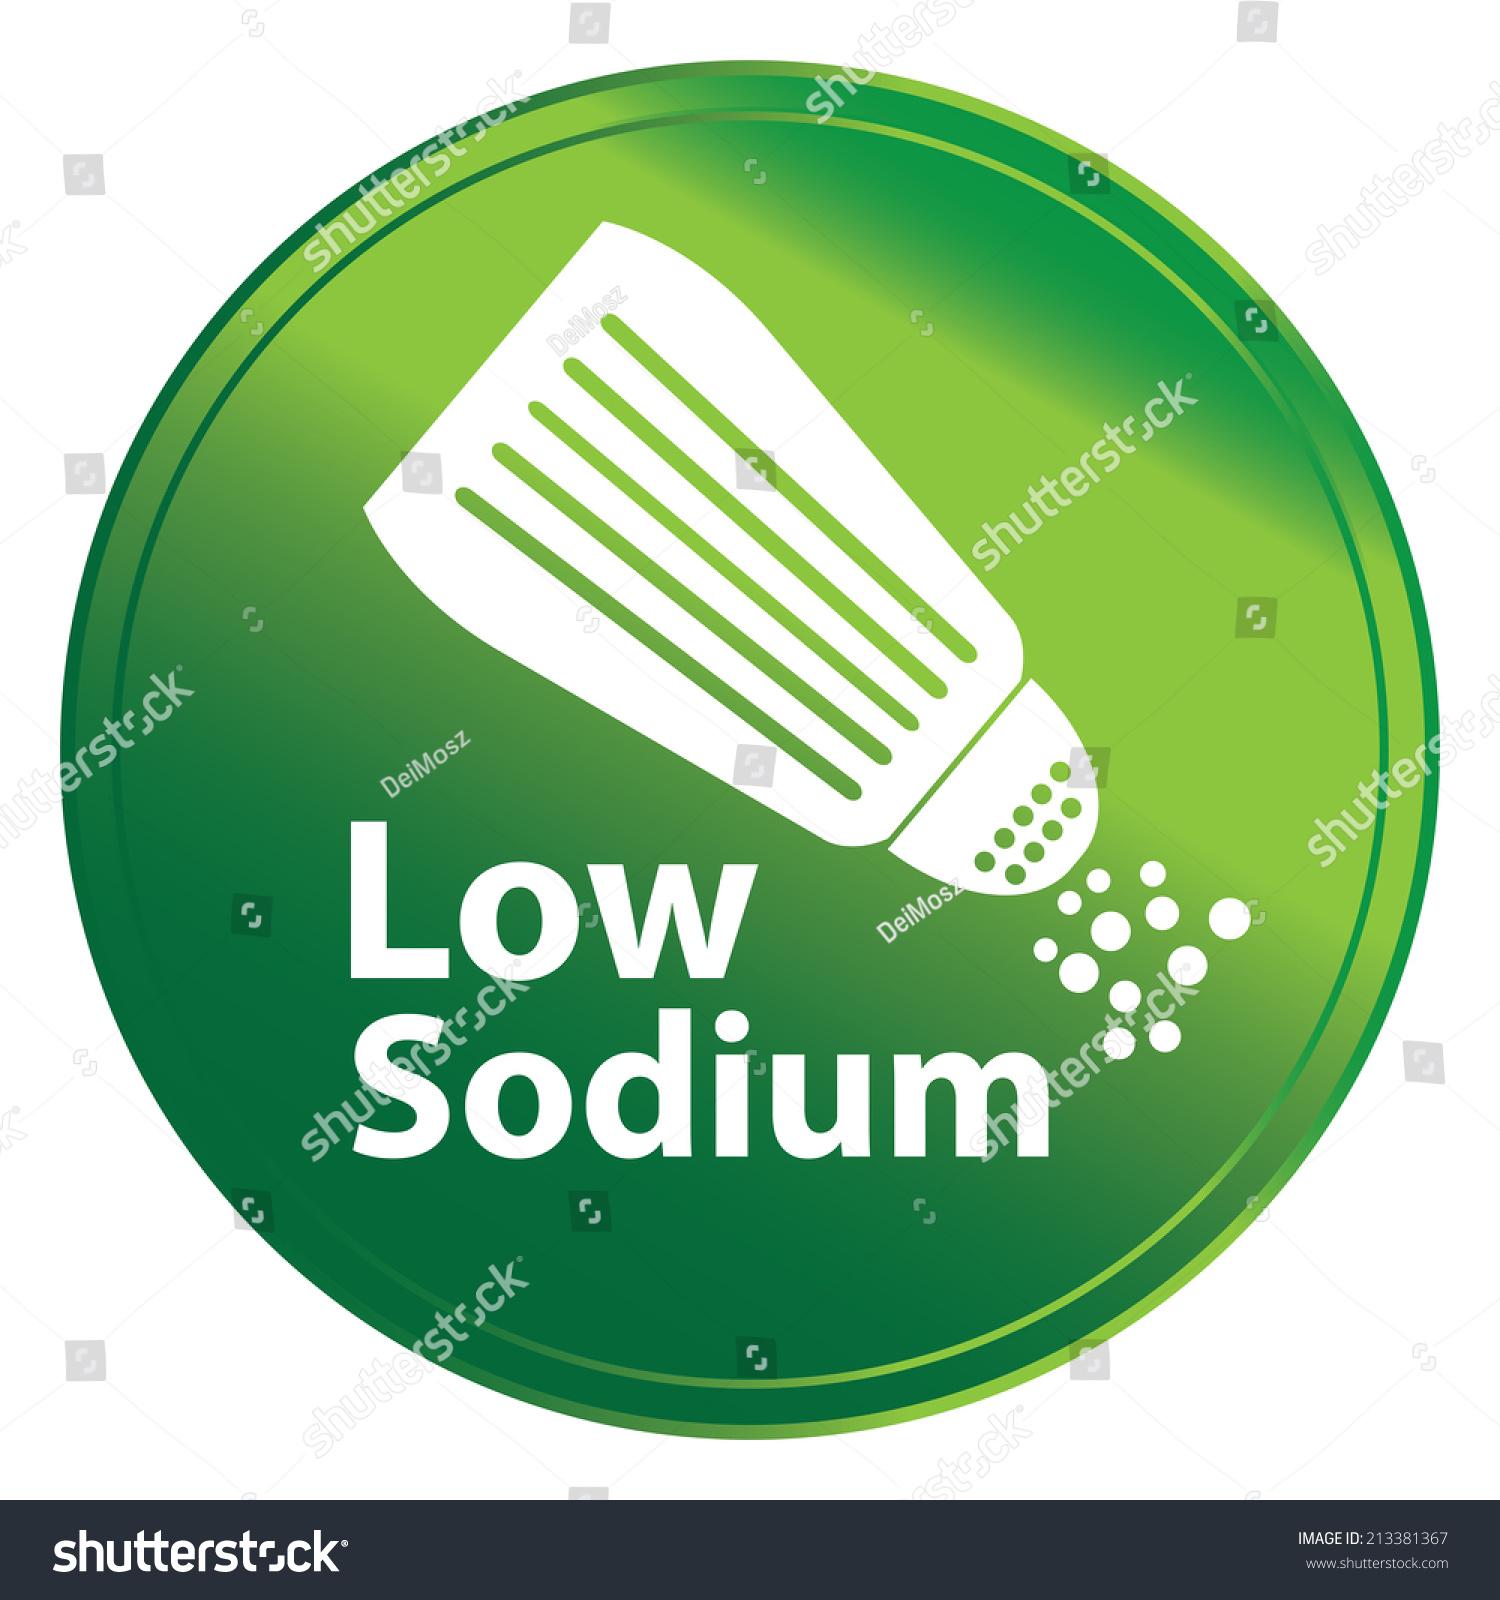 green metallic style low sodium icon stock illustration 213381367, Skeleton